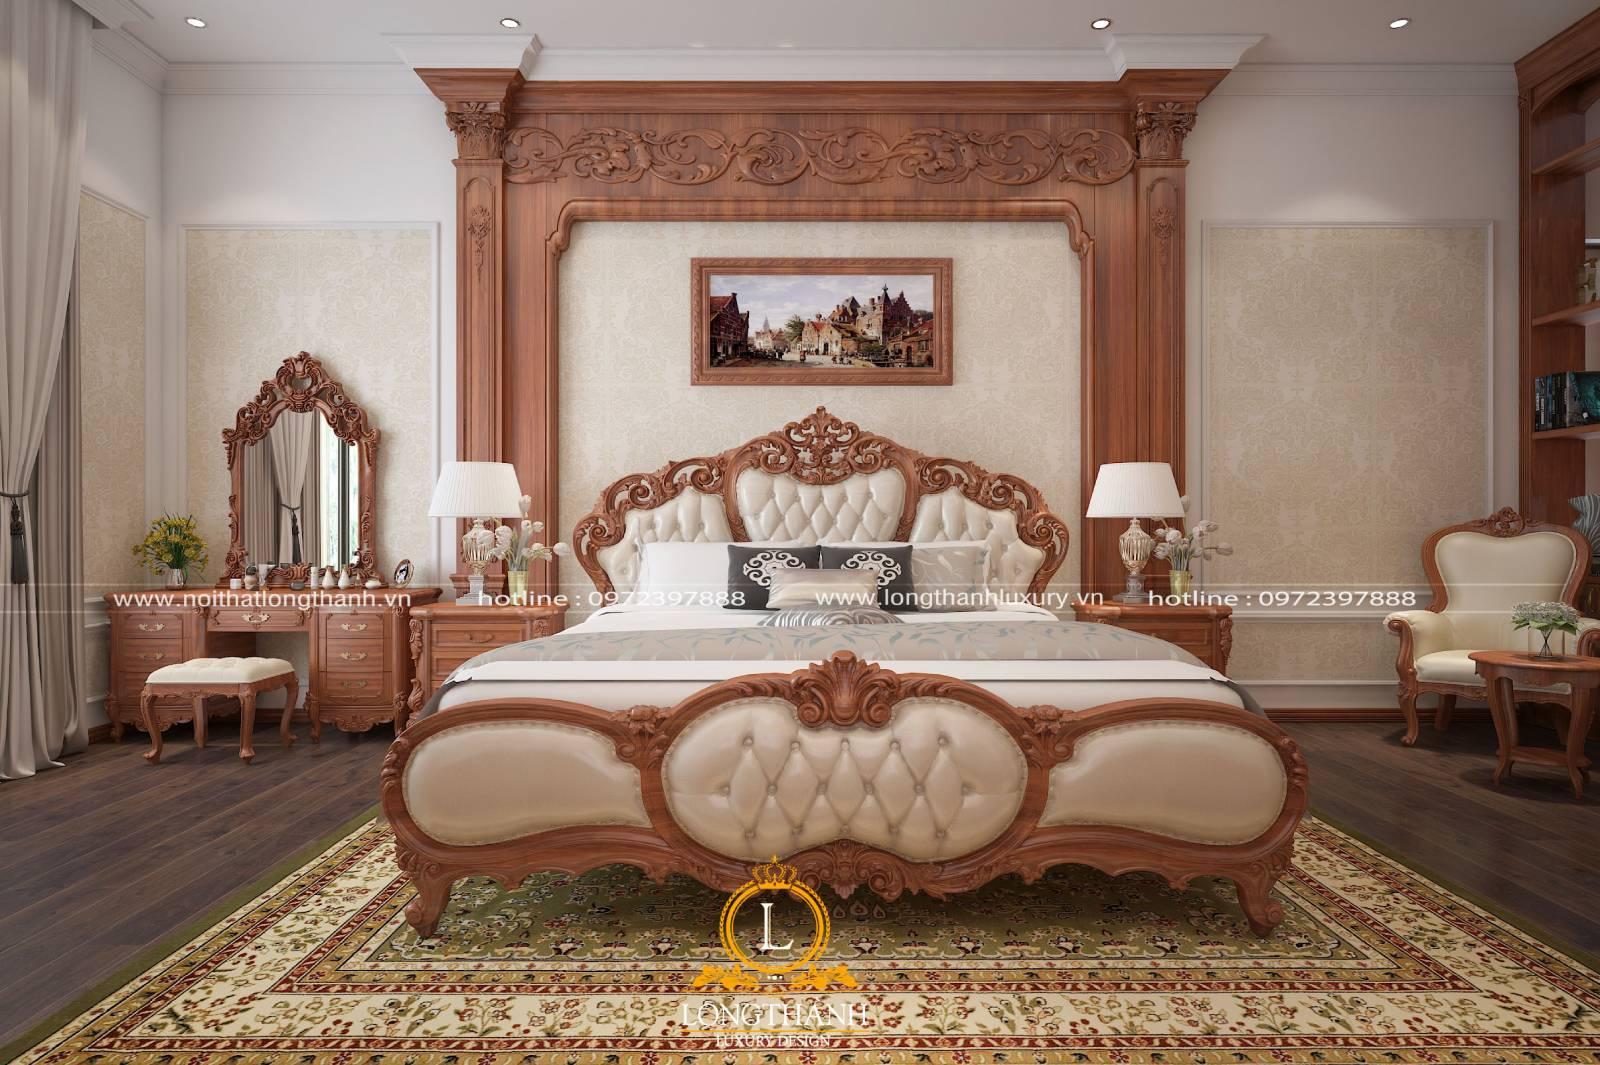 Bàn trang điểm bằng gỗ nhỏ xinh tiện lợi trong phòng ngủ tân cổ điển